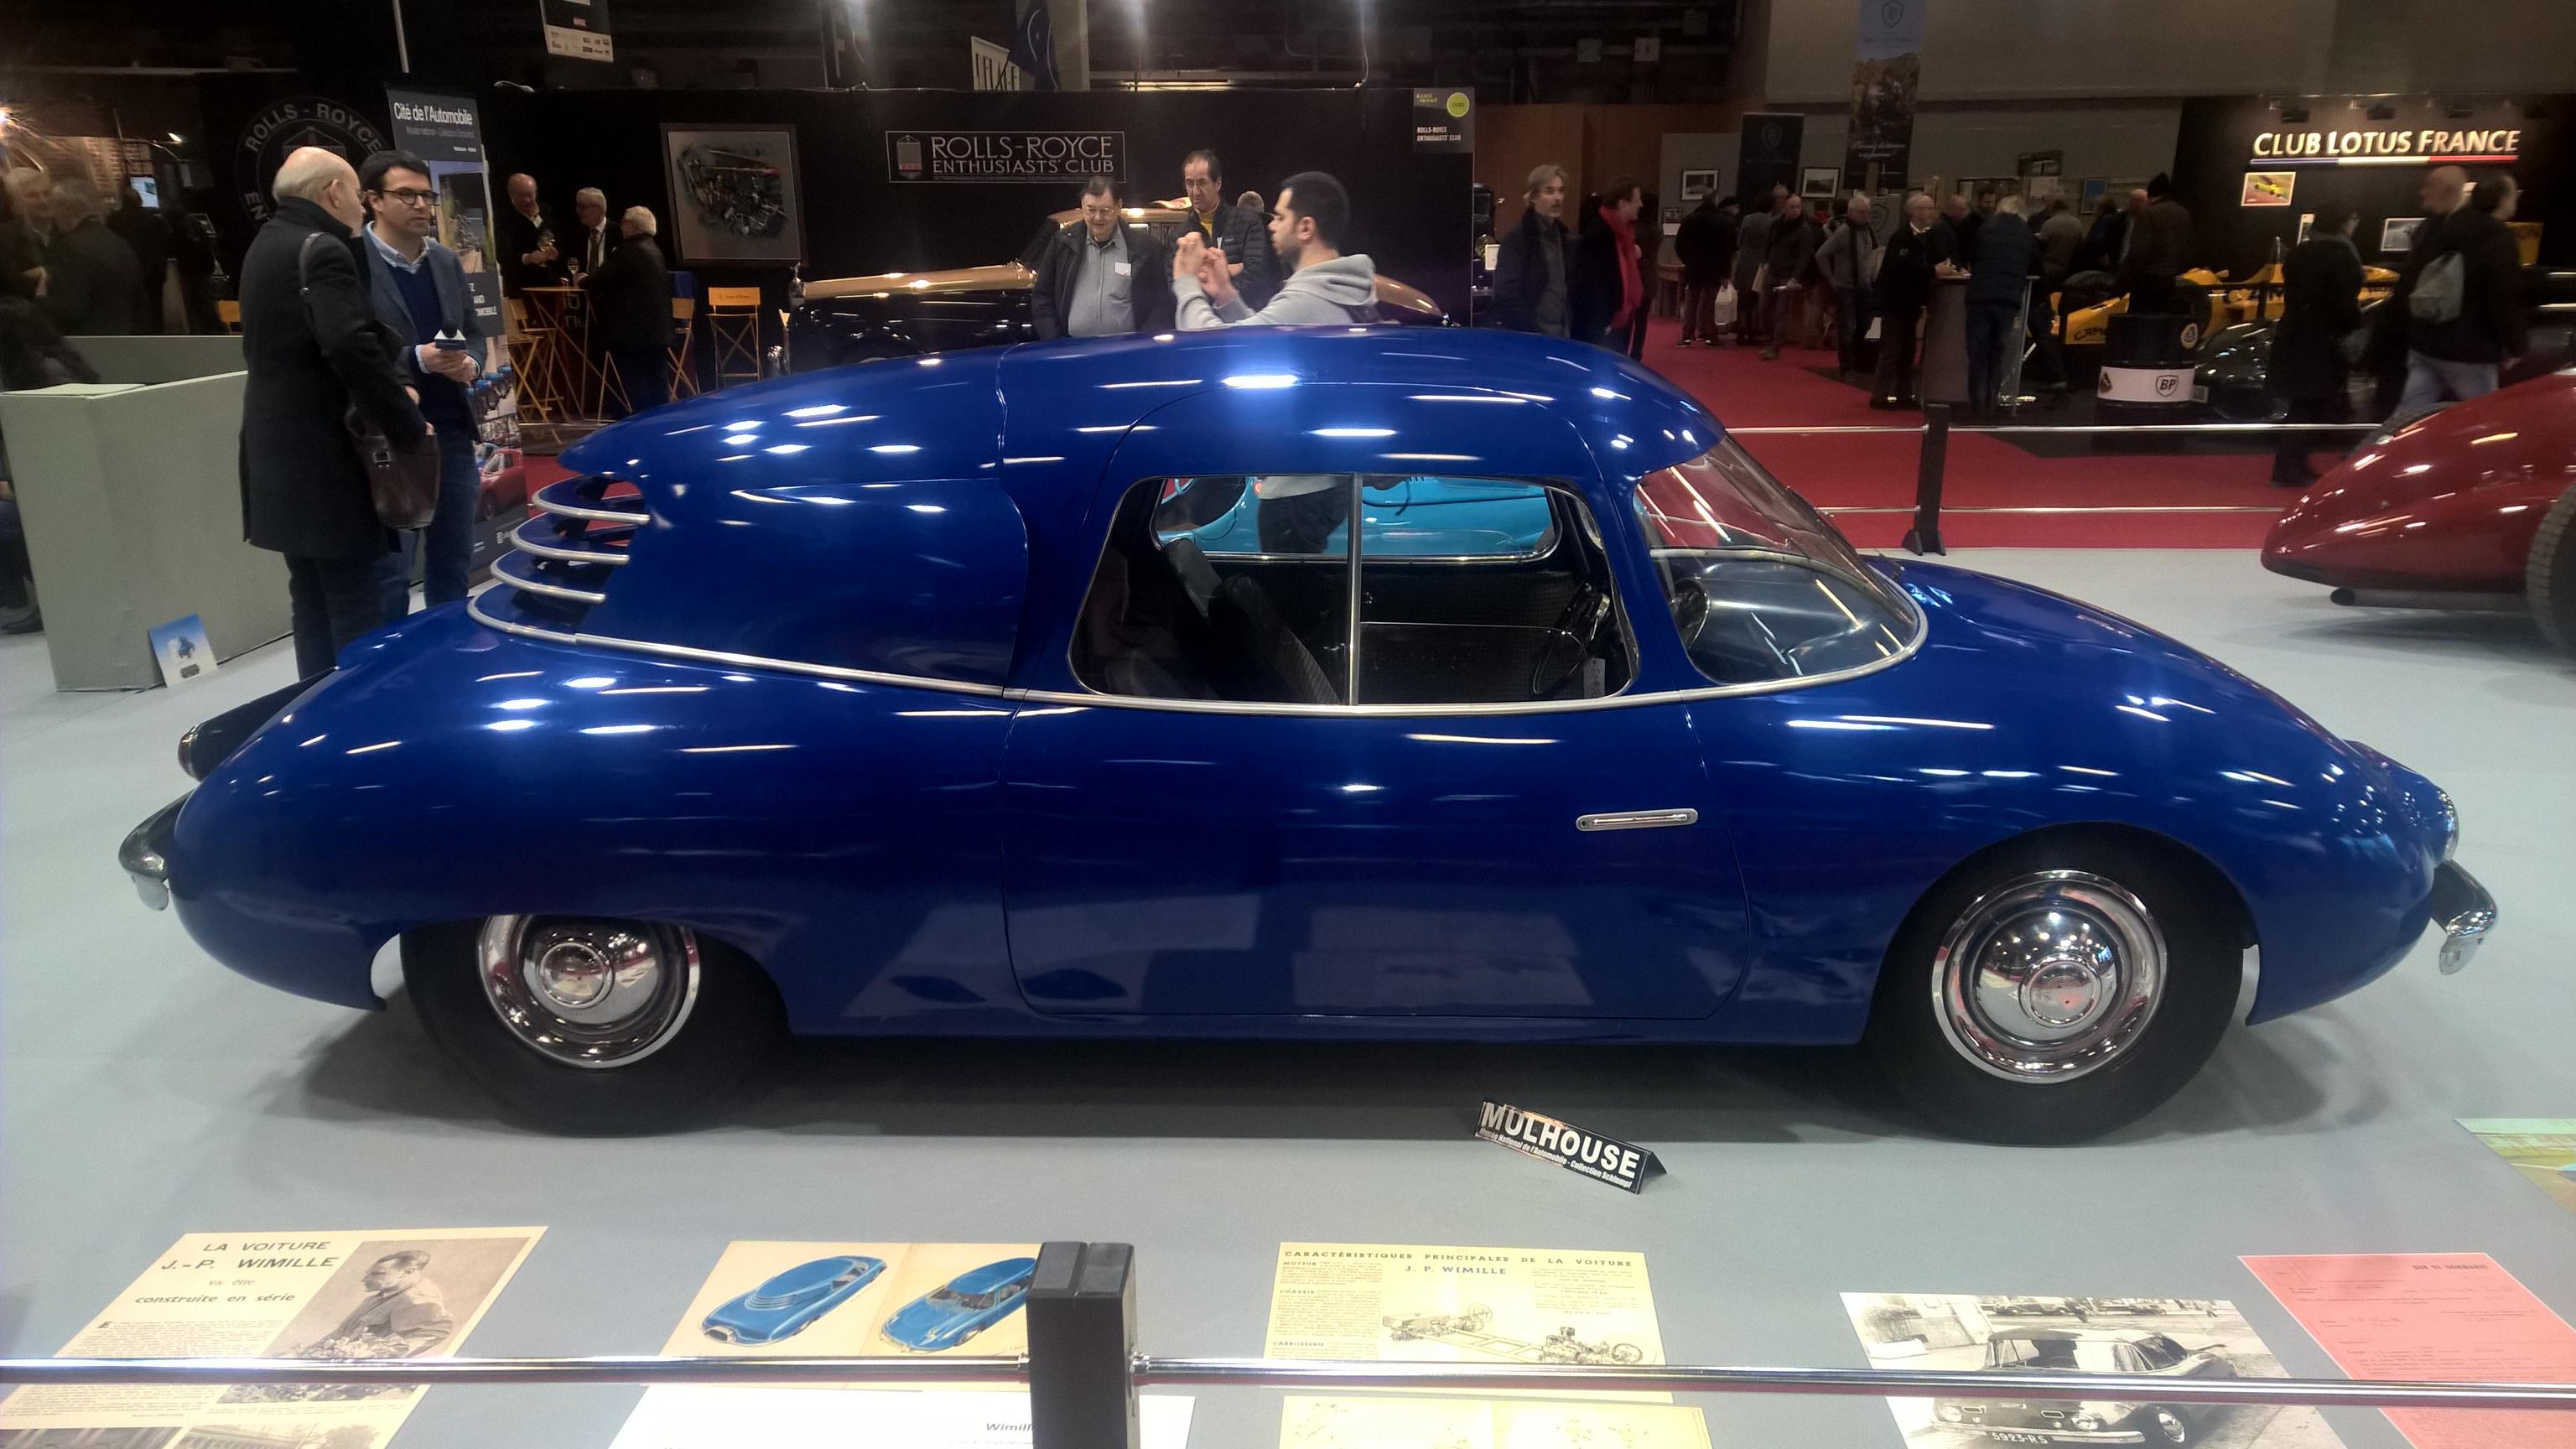 Fantastisk Wimille 04 prototype fra 1950. Bak prosjektet stod racerfører Jean Pierre Wimille, og bak de herlige linjene finner vi en fransk Ford V8 på 60 hk. Bilen ble vist på Paris-utstillingen i 1950, og man håpet å produsere 500 eksemplarer. Det ble dessverre med drømmen.